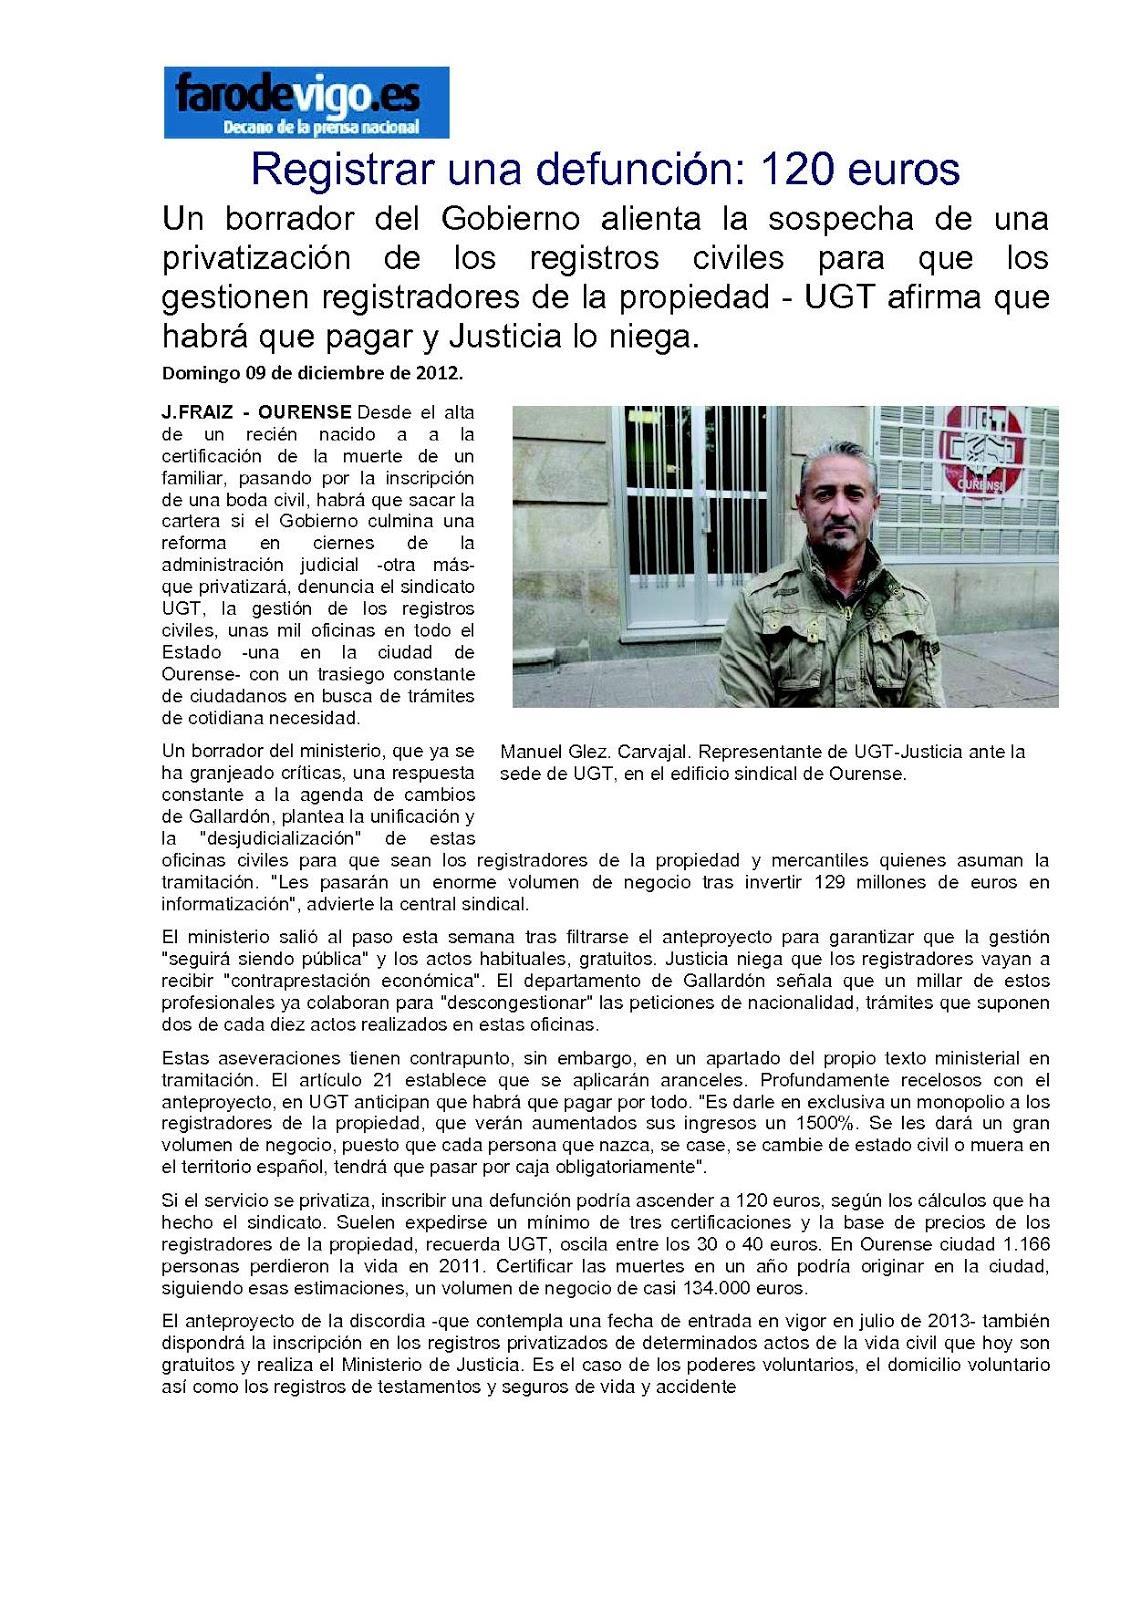 Ugt justicia galicia 2012 for Registro de la propiedad lugo